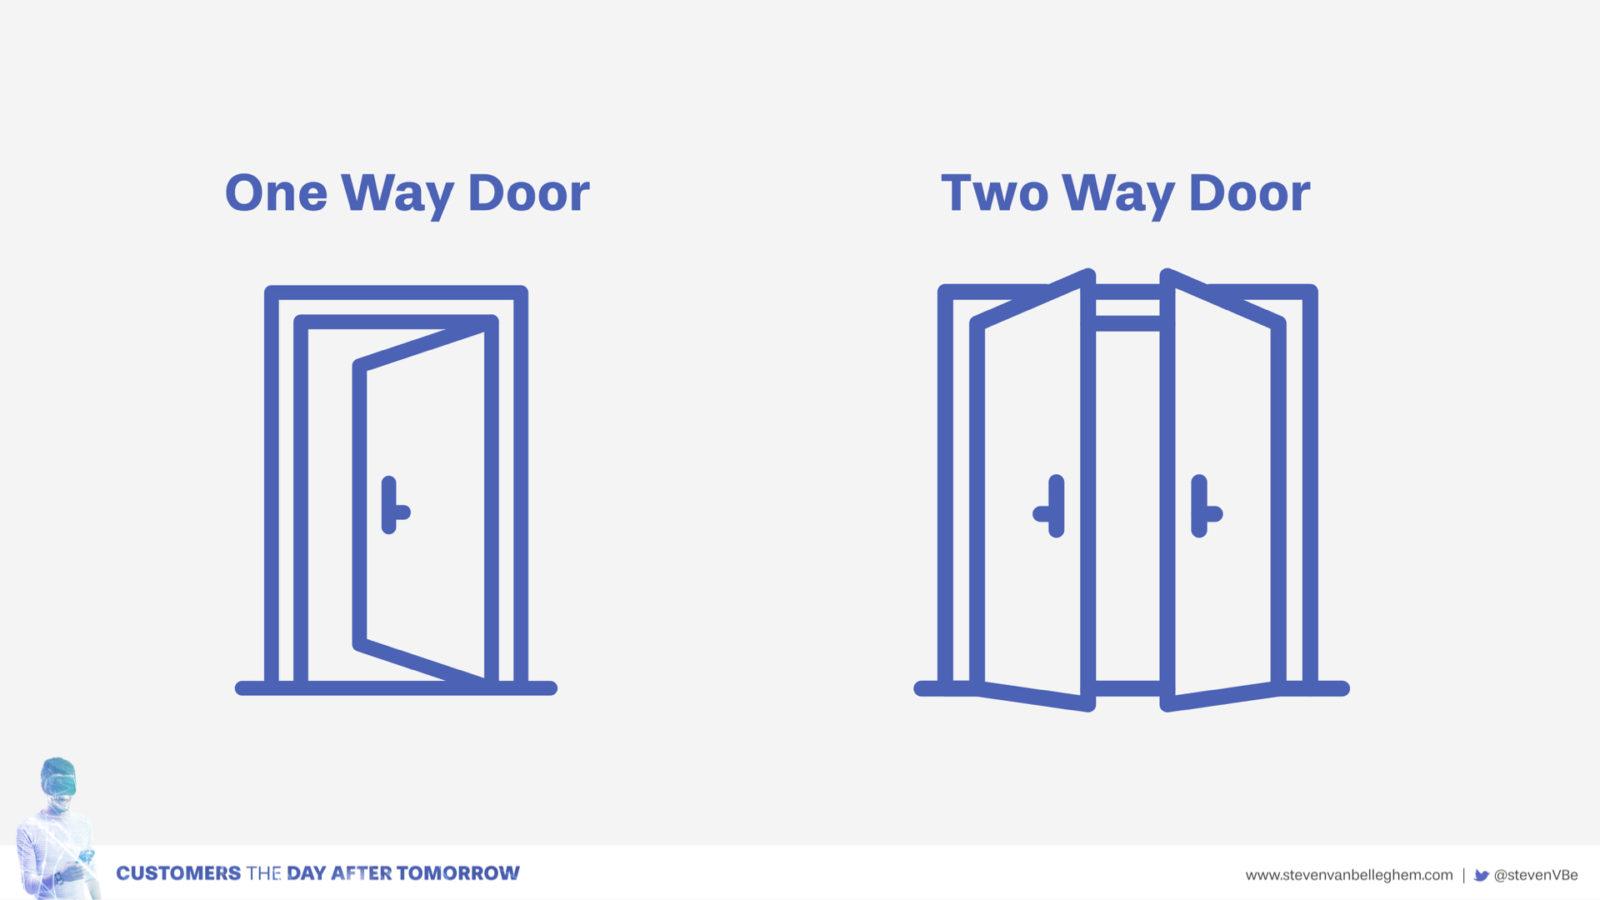 Two-way door innovation